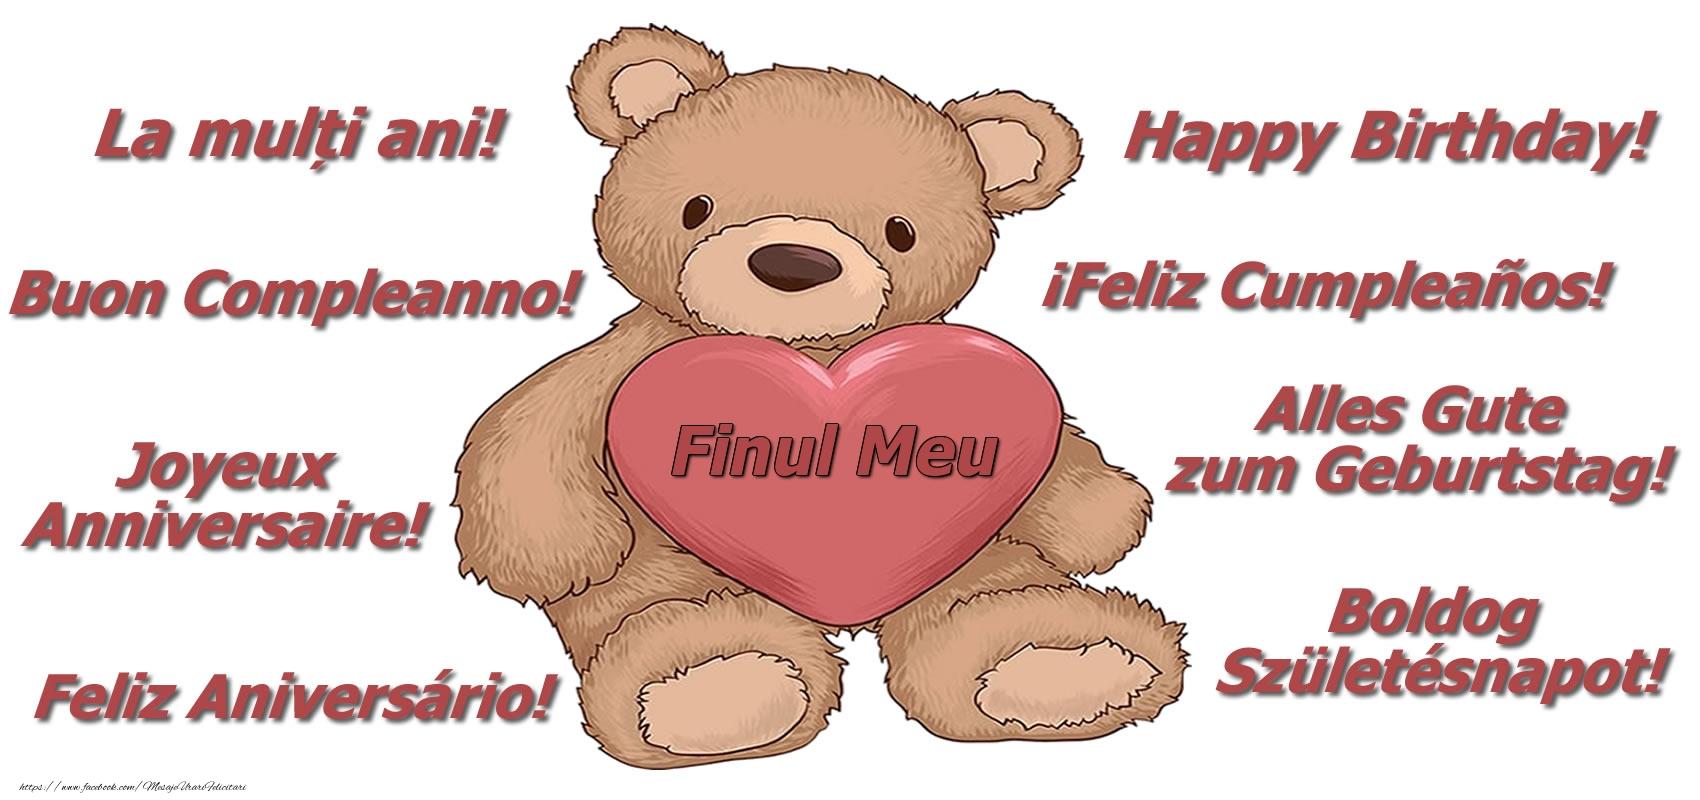 Felicitari frumoase de zi de nastere pentru Fin | La multi ani finul meu! - Ursulet